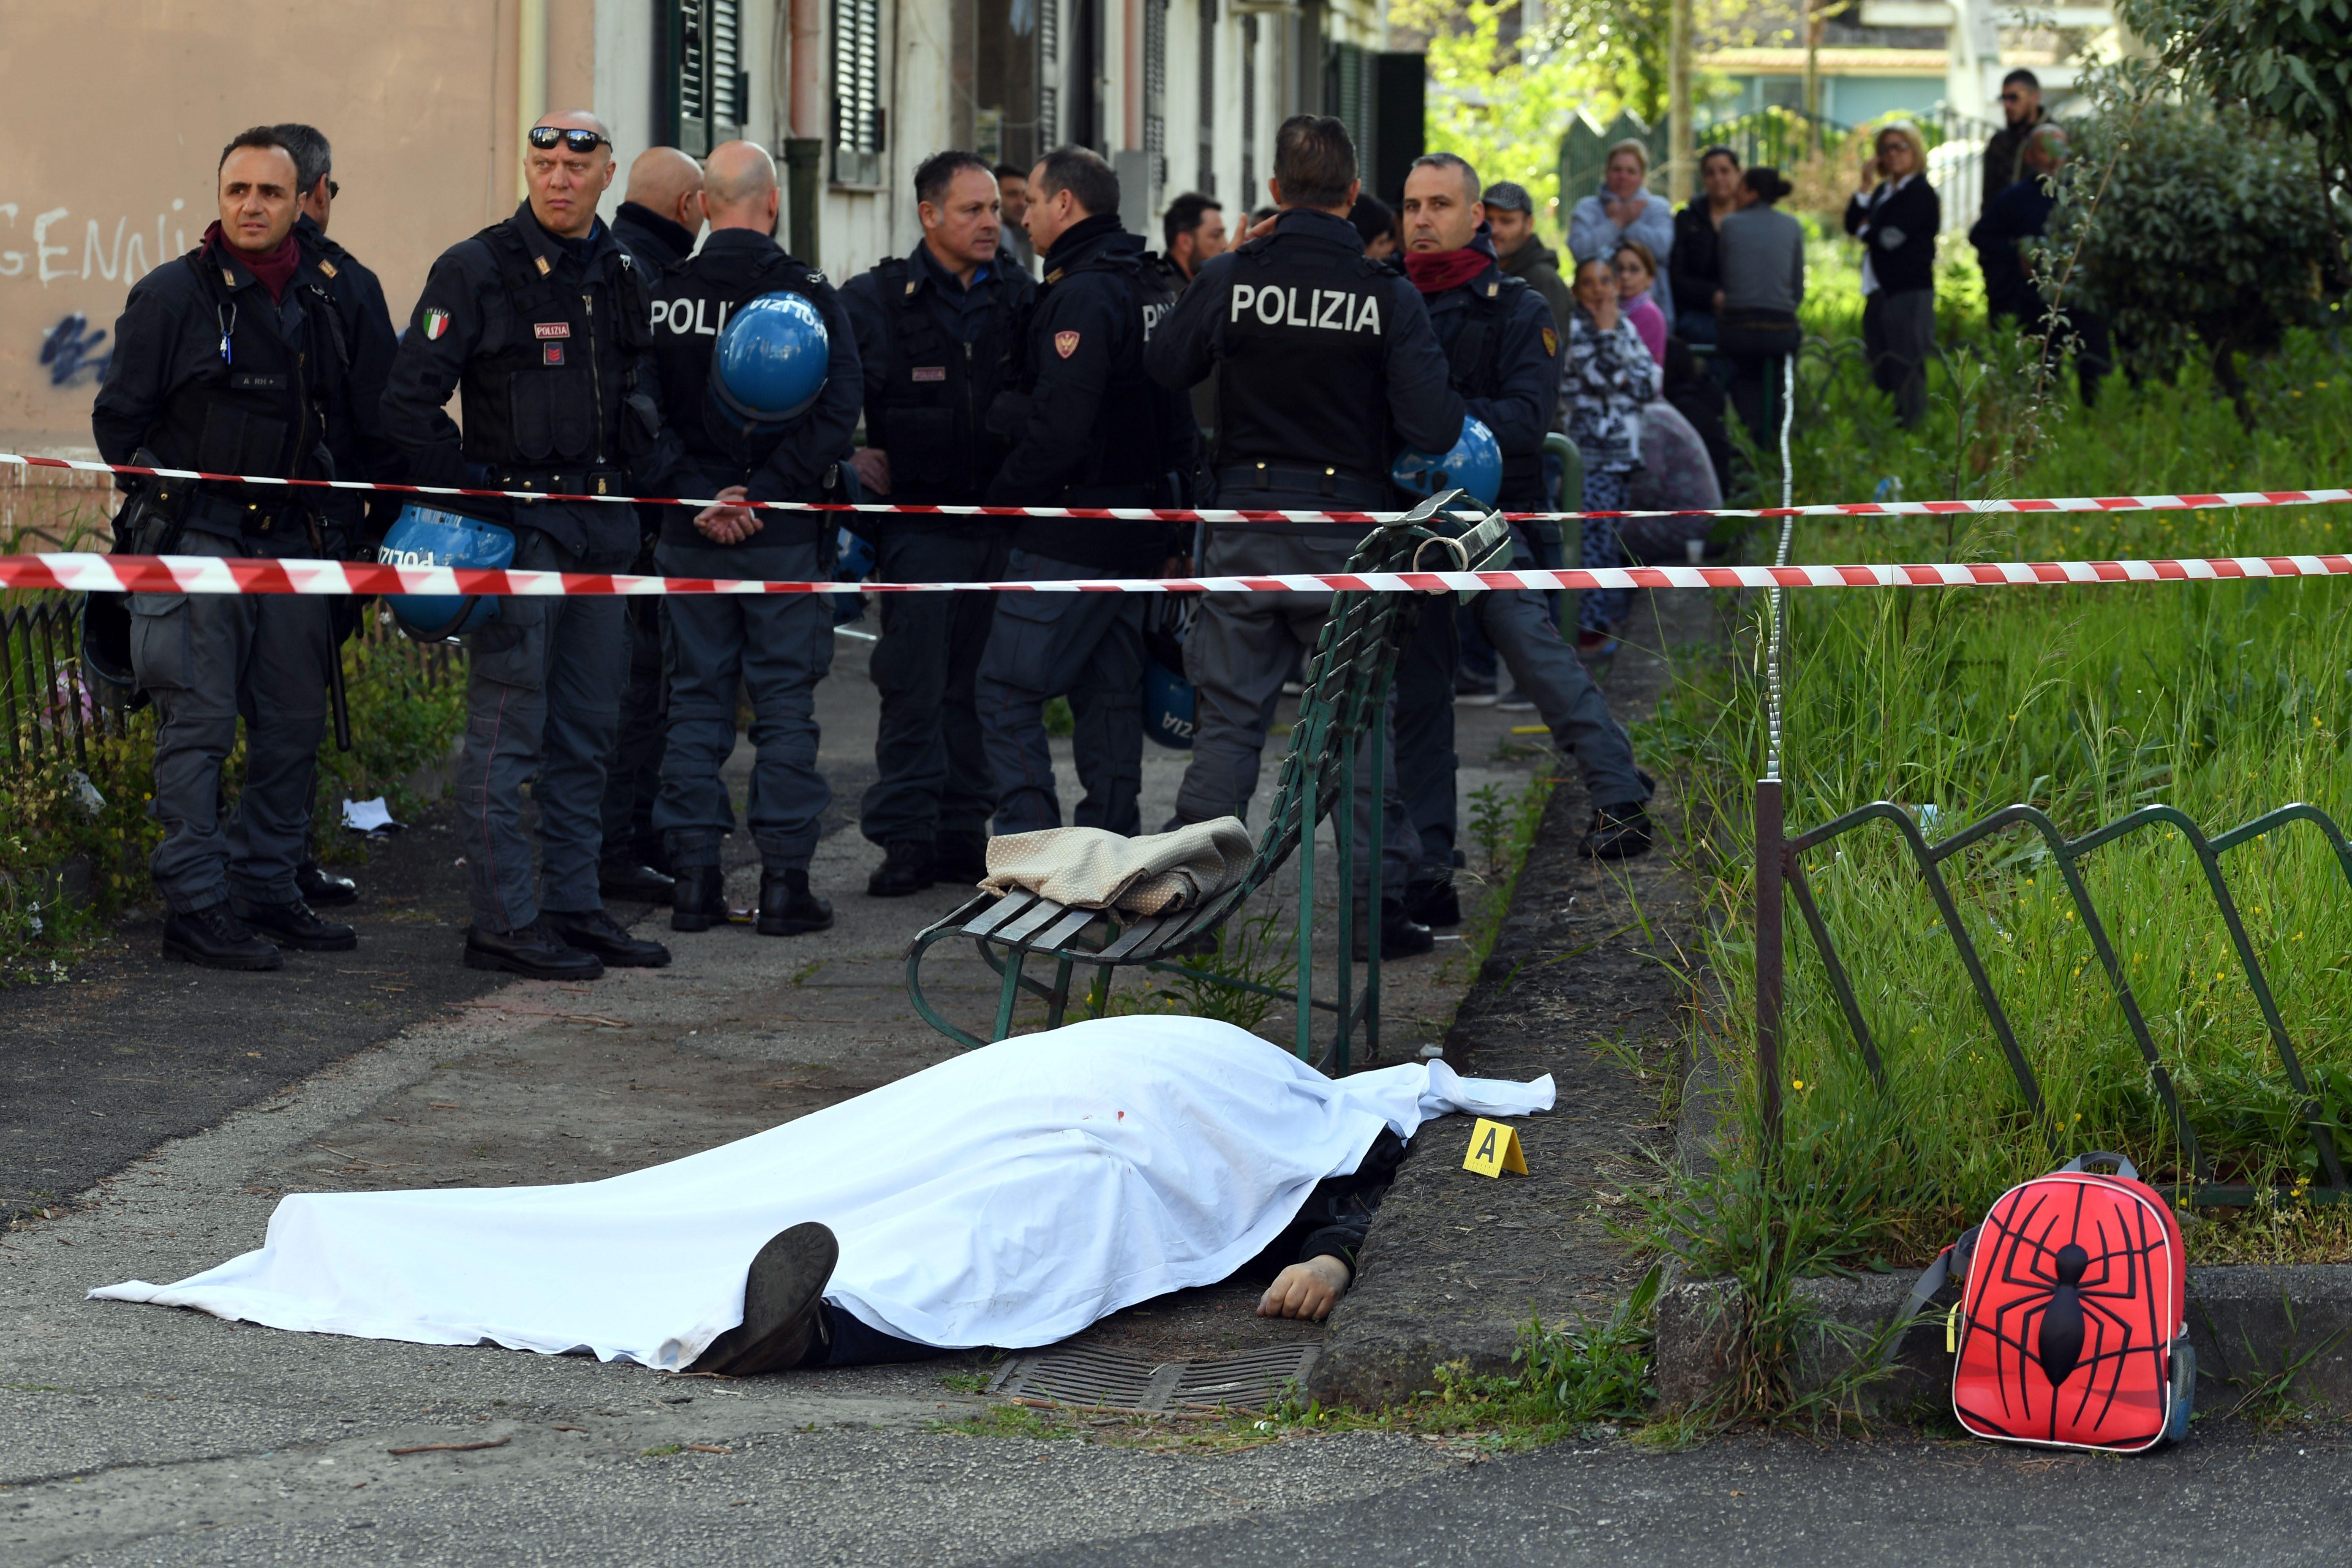 Napoli, agguato davanti alla scuola: ucciso pregiudicato, il figlio ferito alle gambe